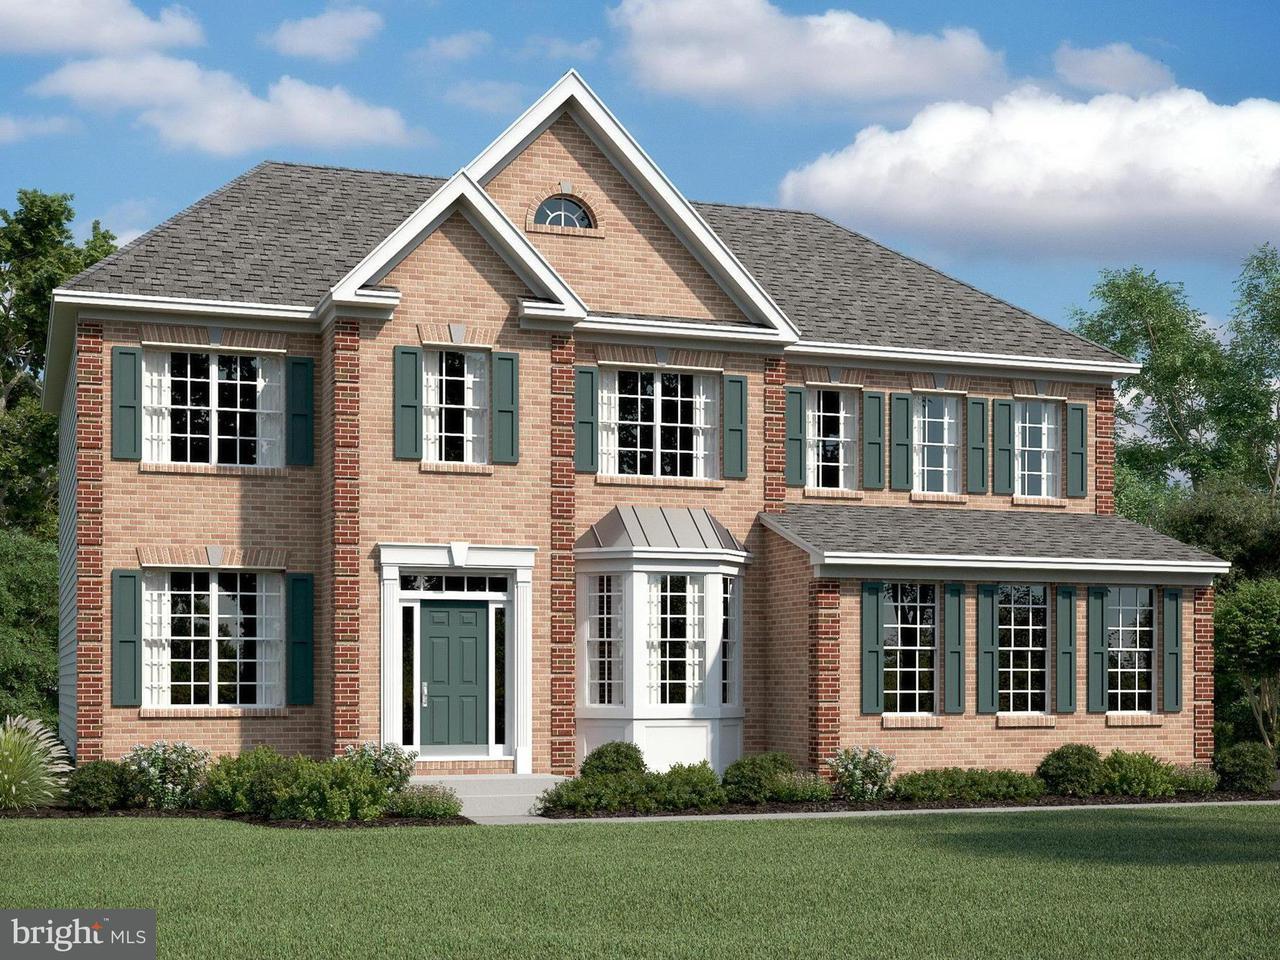 独户住宅 为 销售 在 103 Jascot Court 103 Jascot Court Reisterstown, 马里兰州 21136 美国